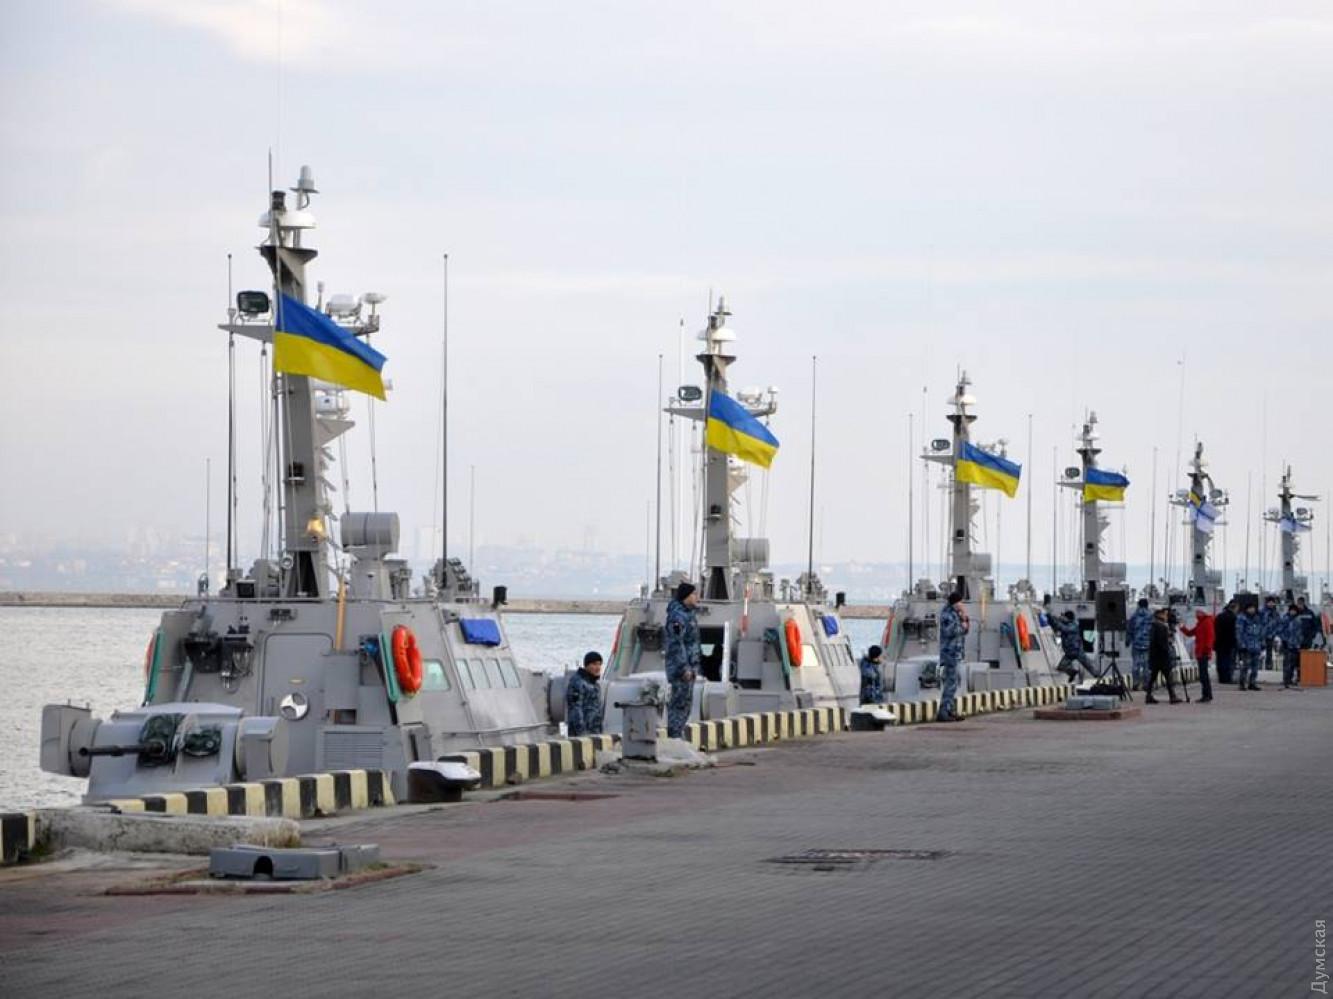 Четыре новых украинских бронекатера проекта 58155 получили названия